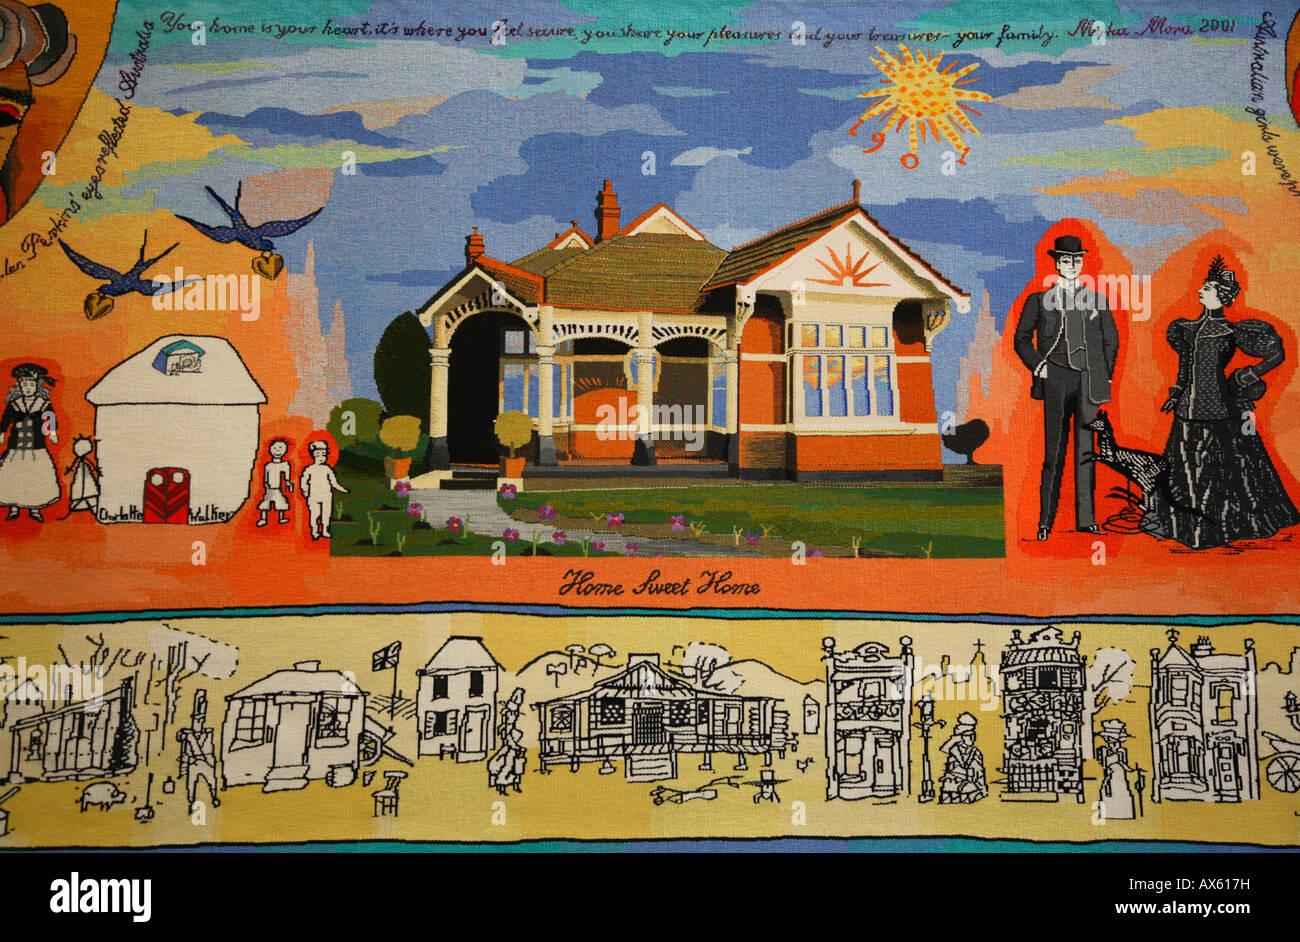 Modern Australian History Tapestry Melbourne Museum Australia - Stock Image